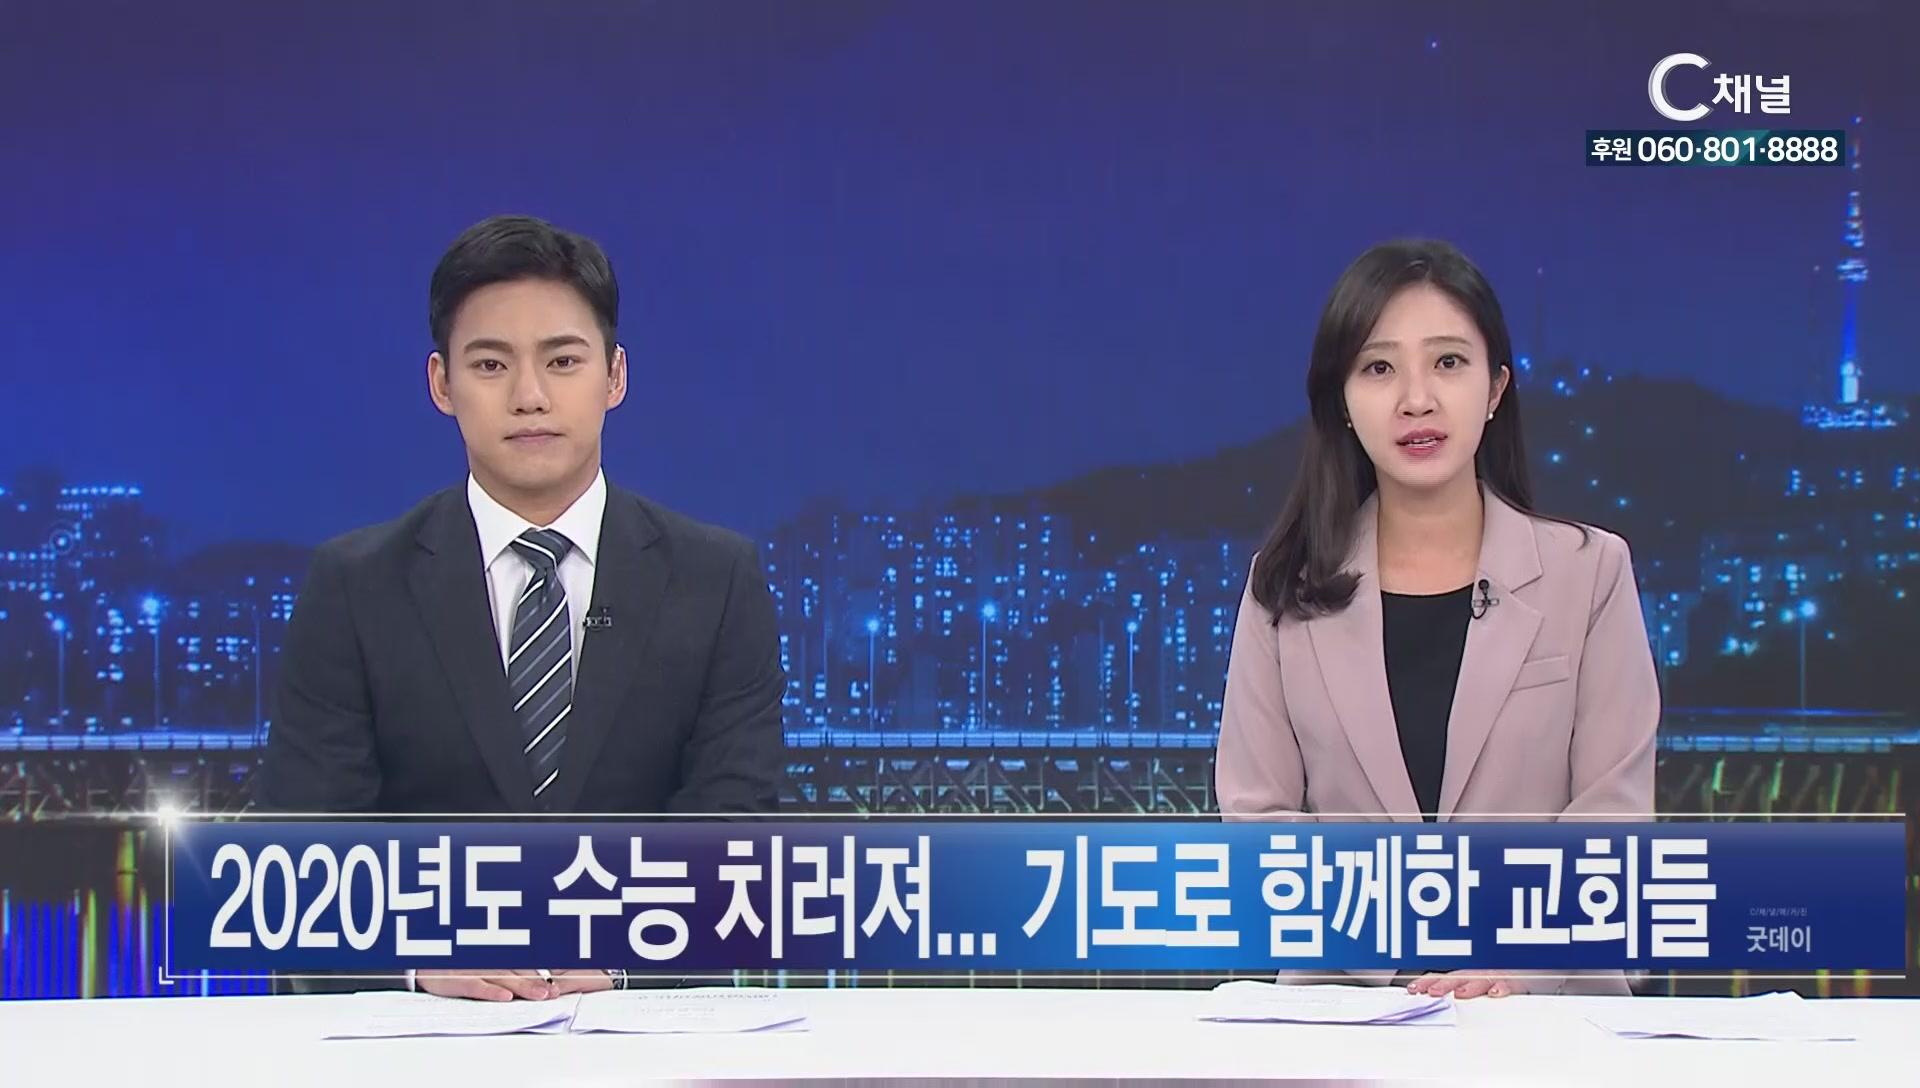 C채널 매거진 굿데이 2019년 11월 14일 C채널 뉴스